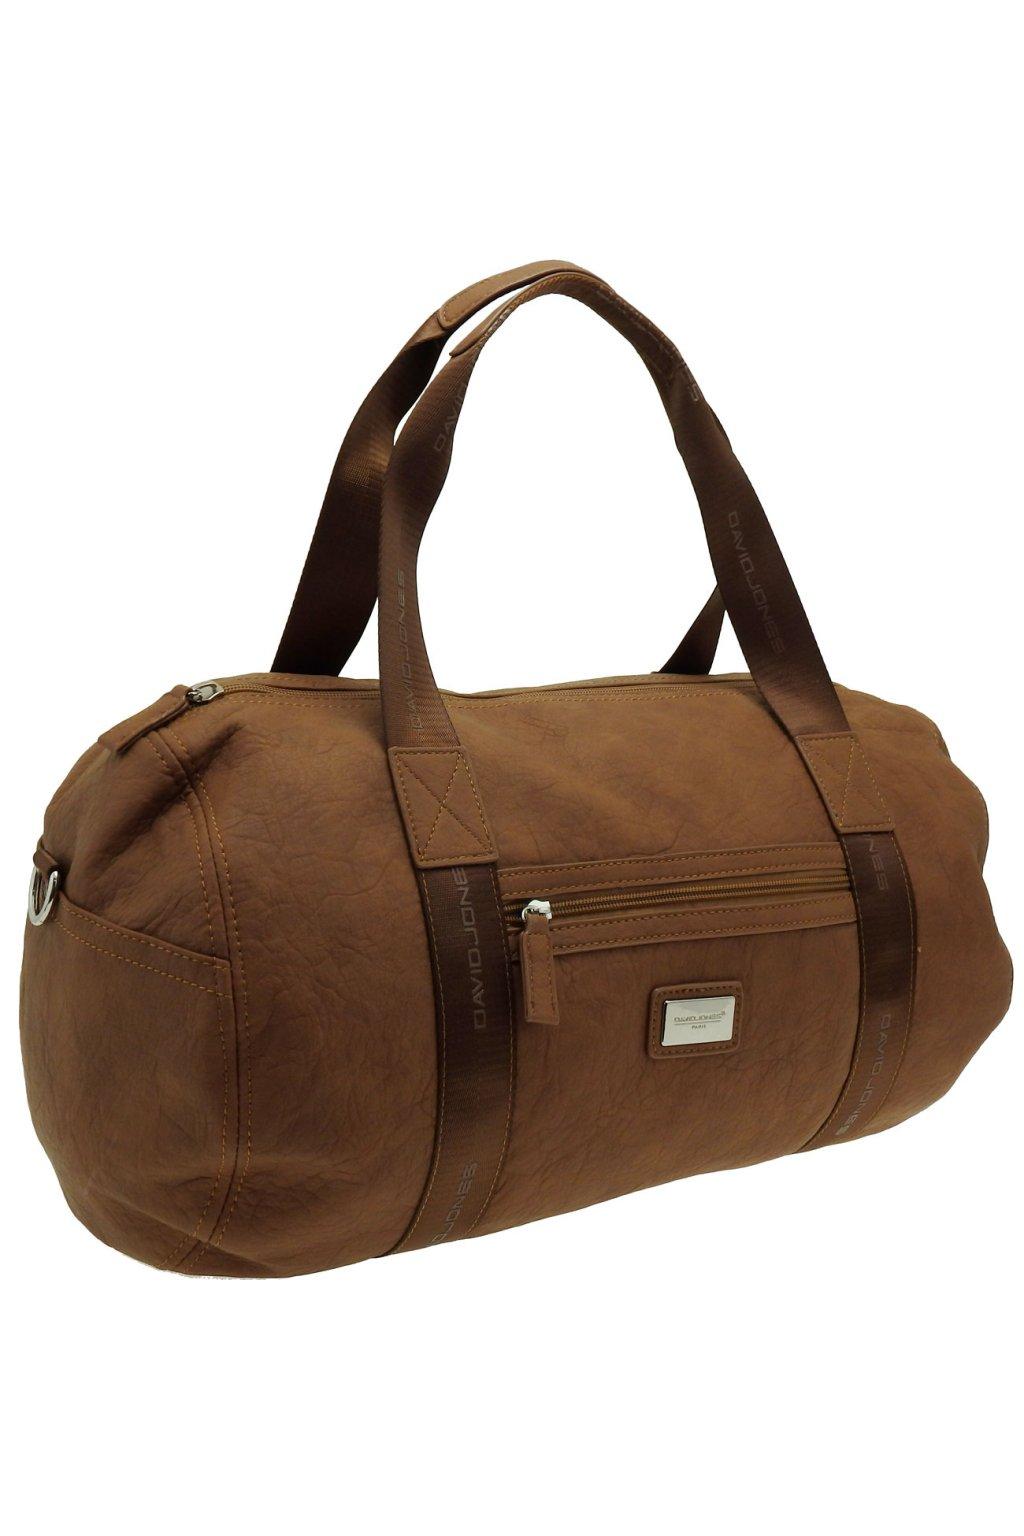 cestovni taska ct10 cm5081 h